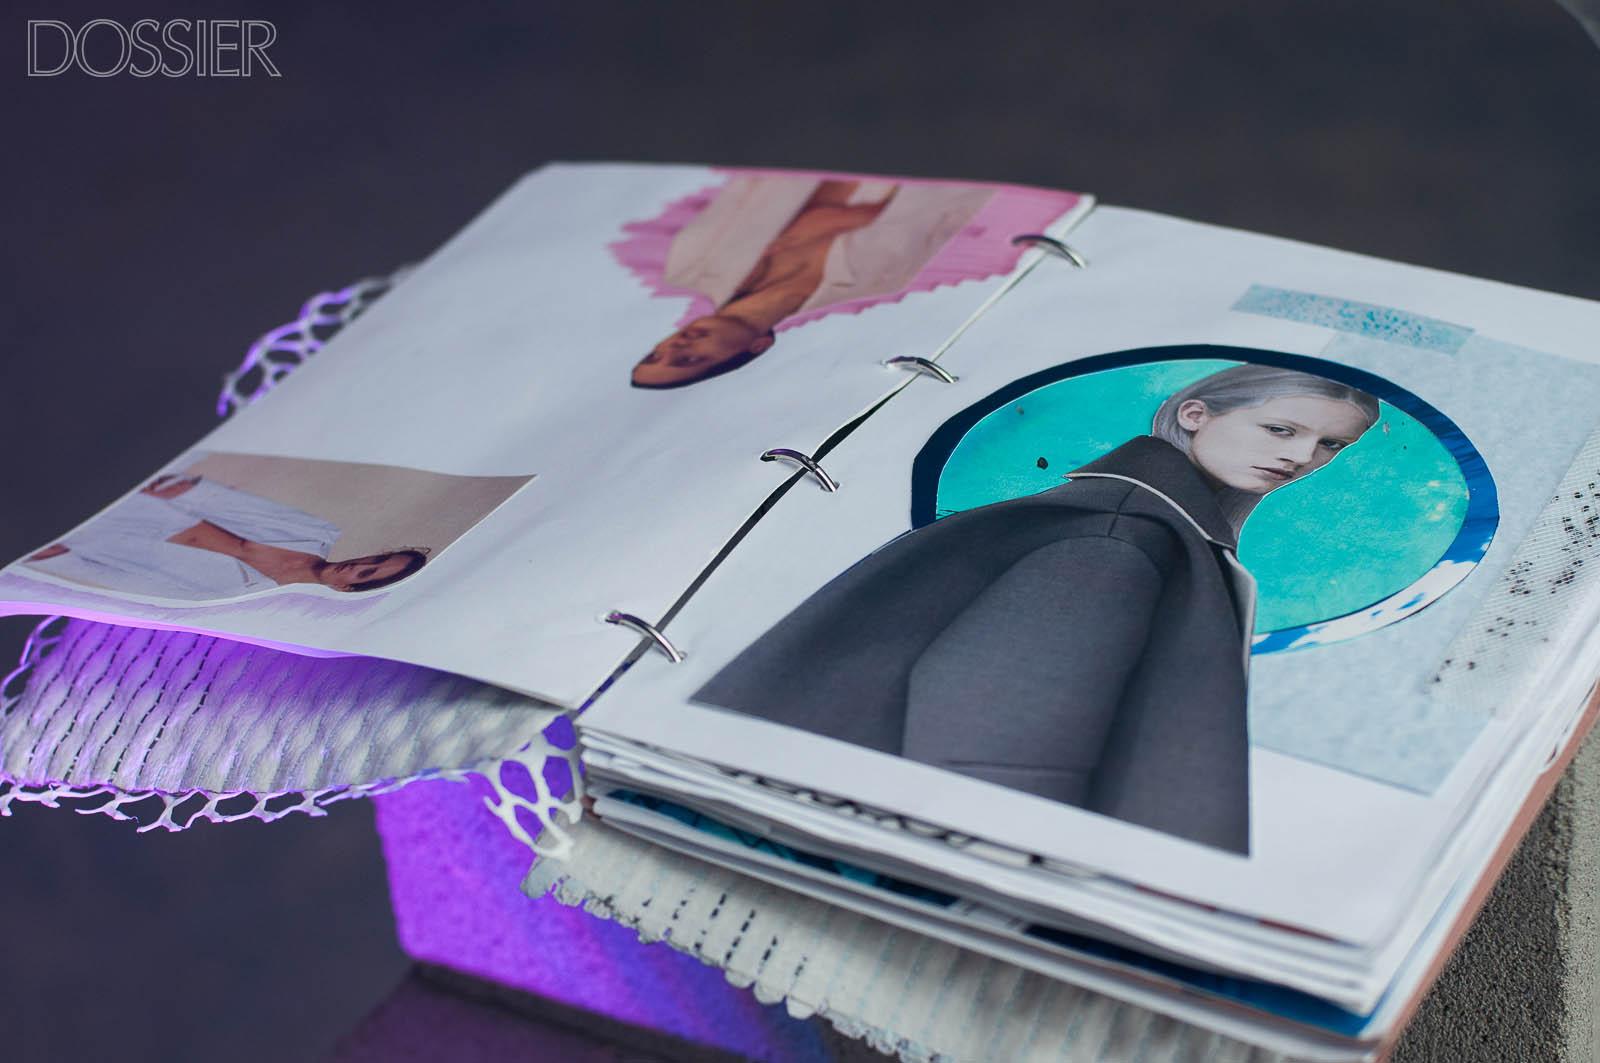 dossier-sinergia-design-juanma-68-copia